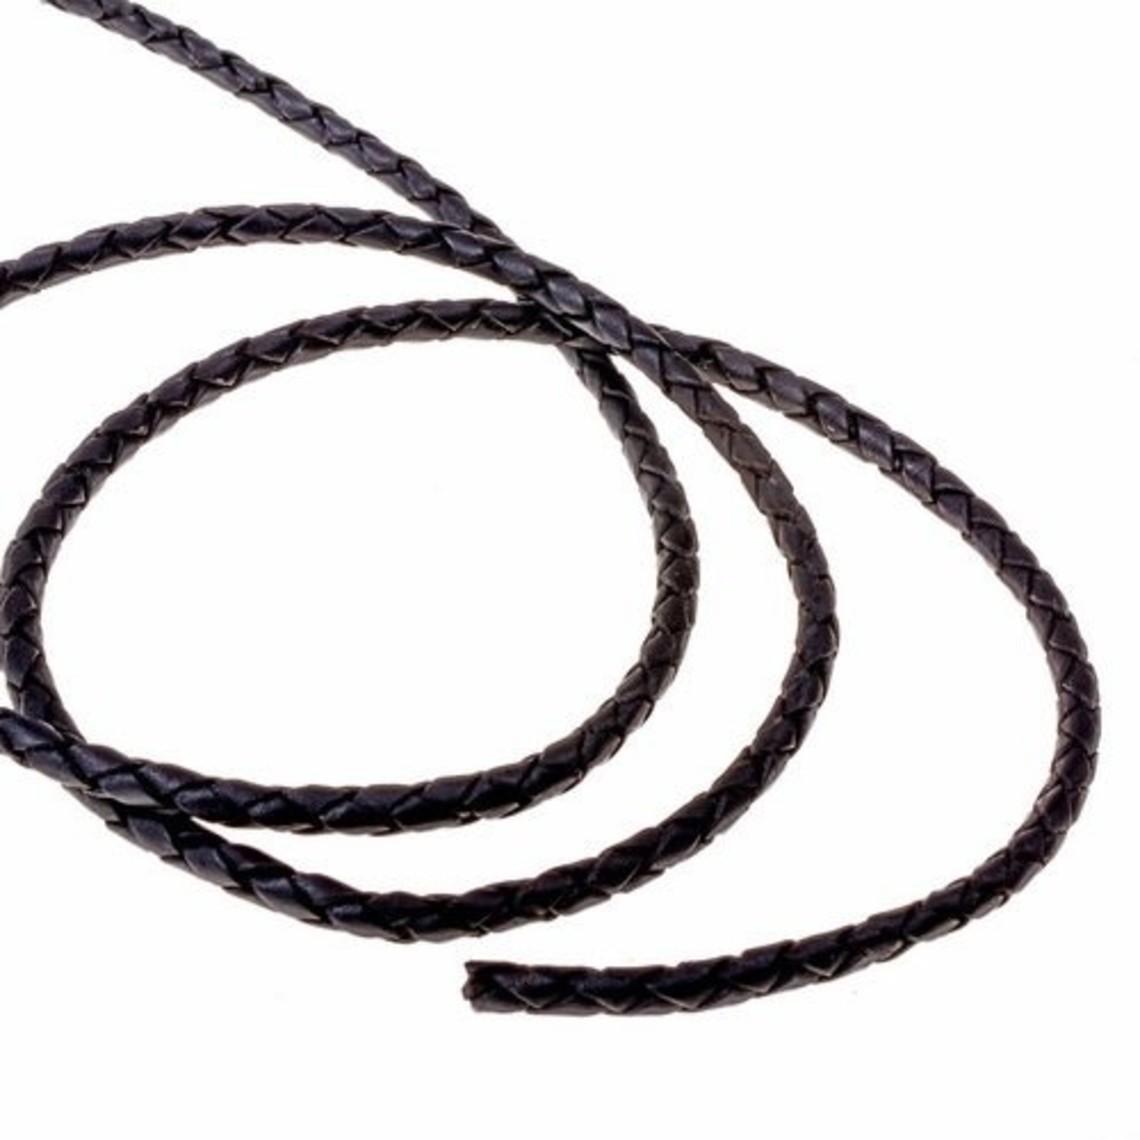 cordón de cuero negro trenzado 3 mm x 1 m